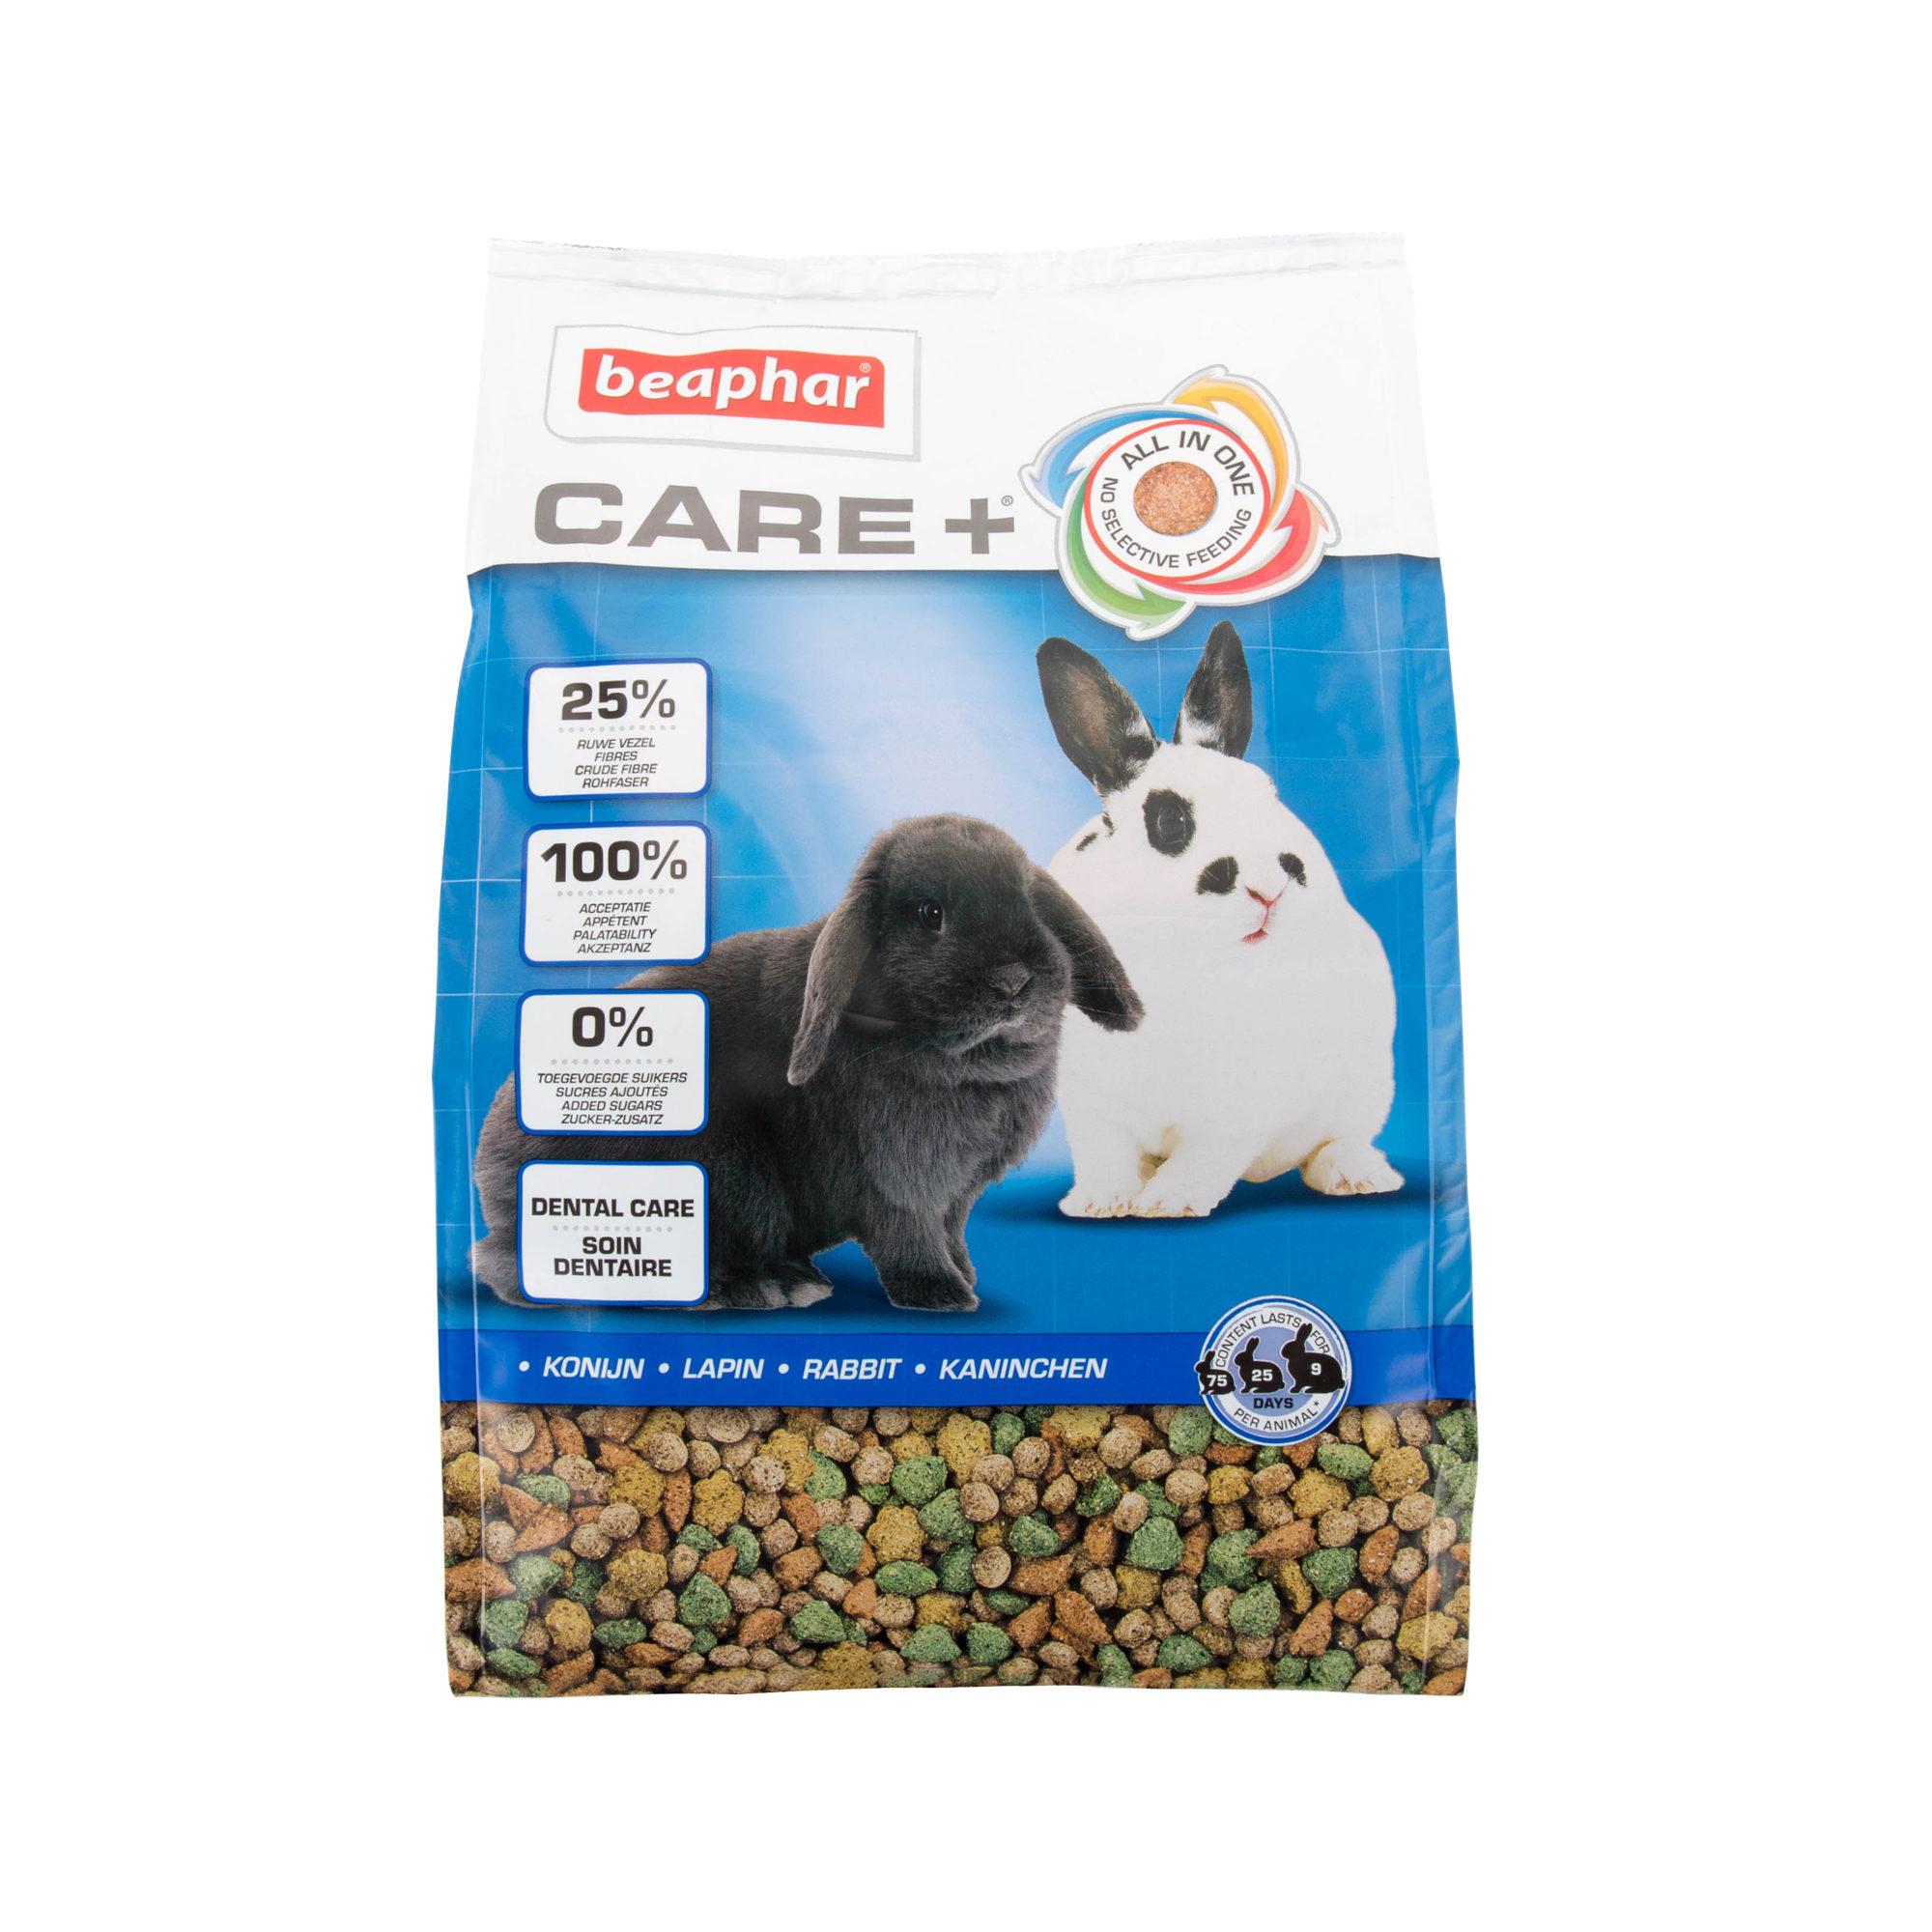 Beaphar Care+ Kaninchen - 1,5 kg